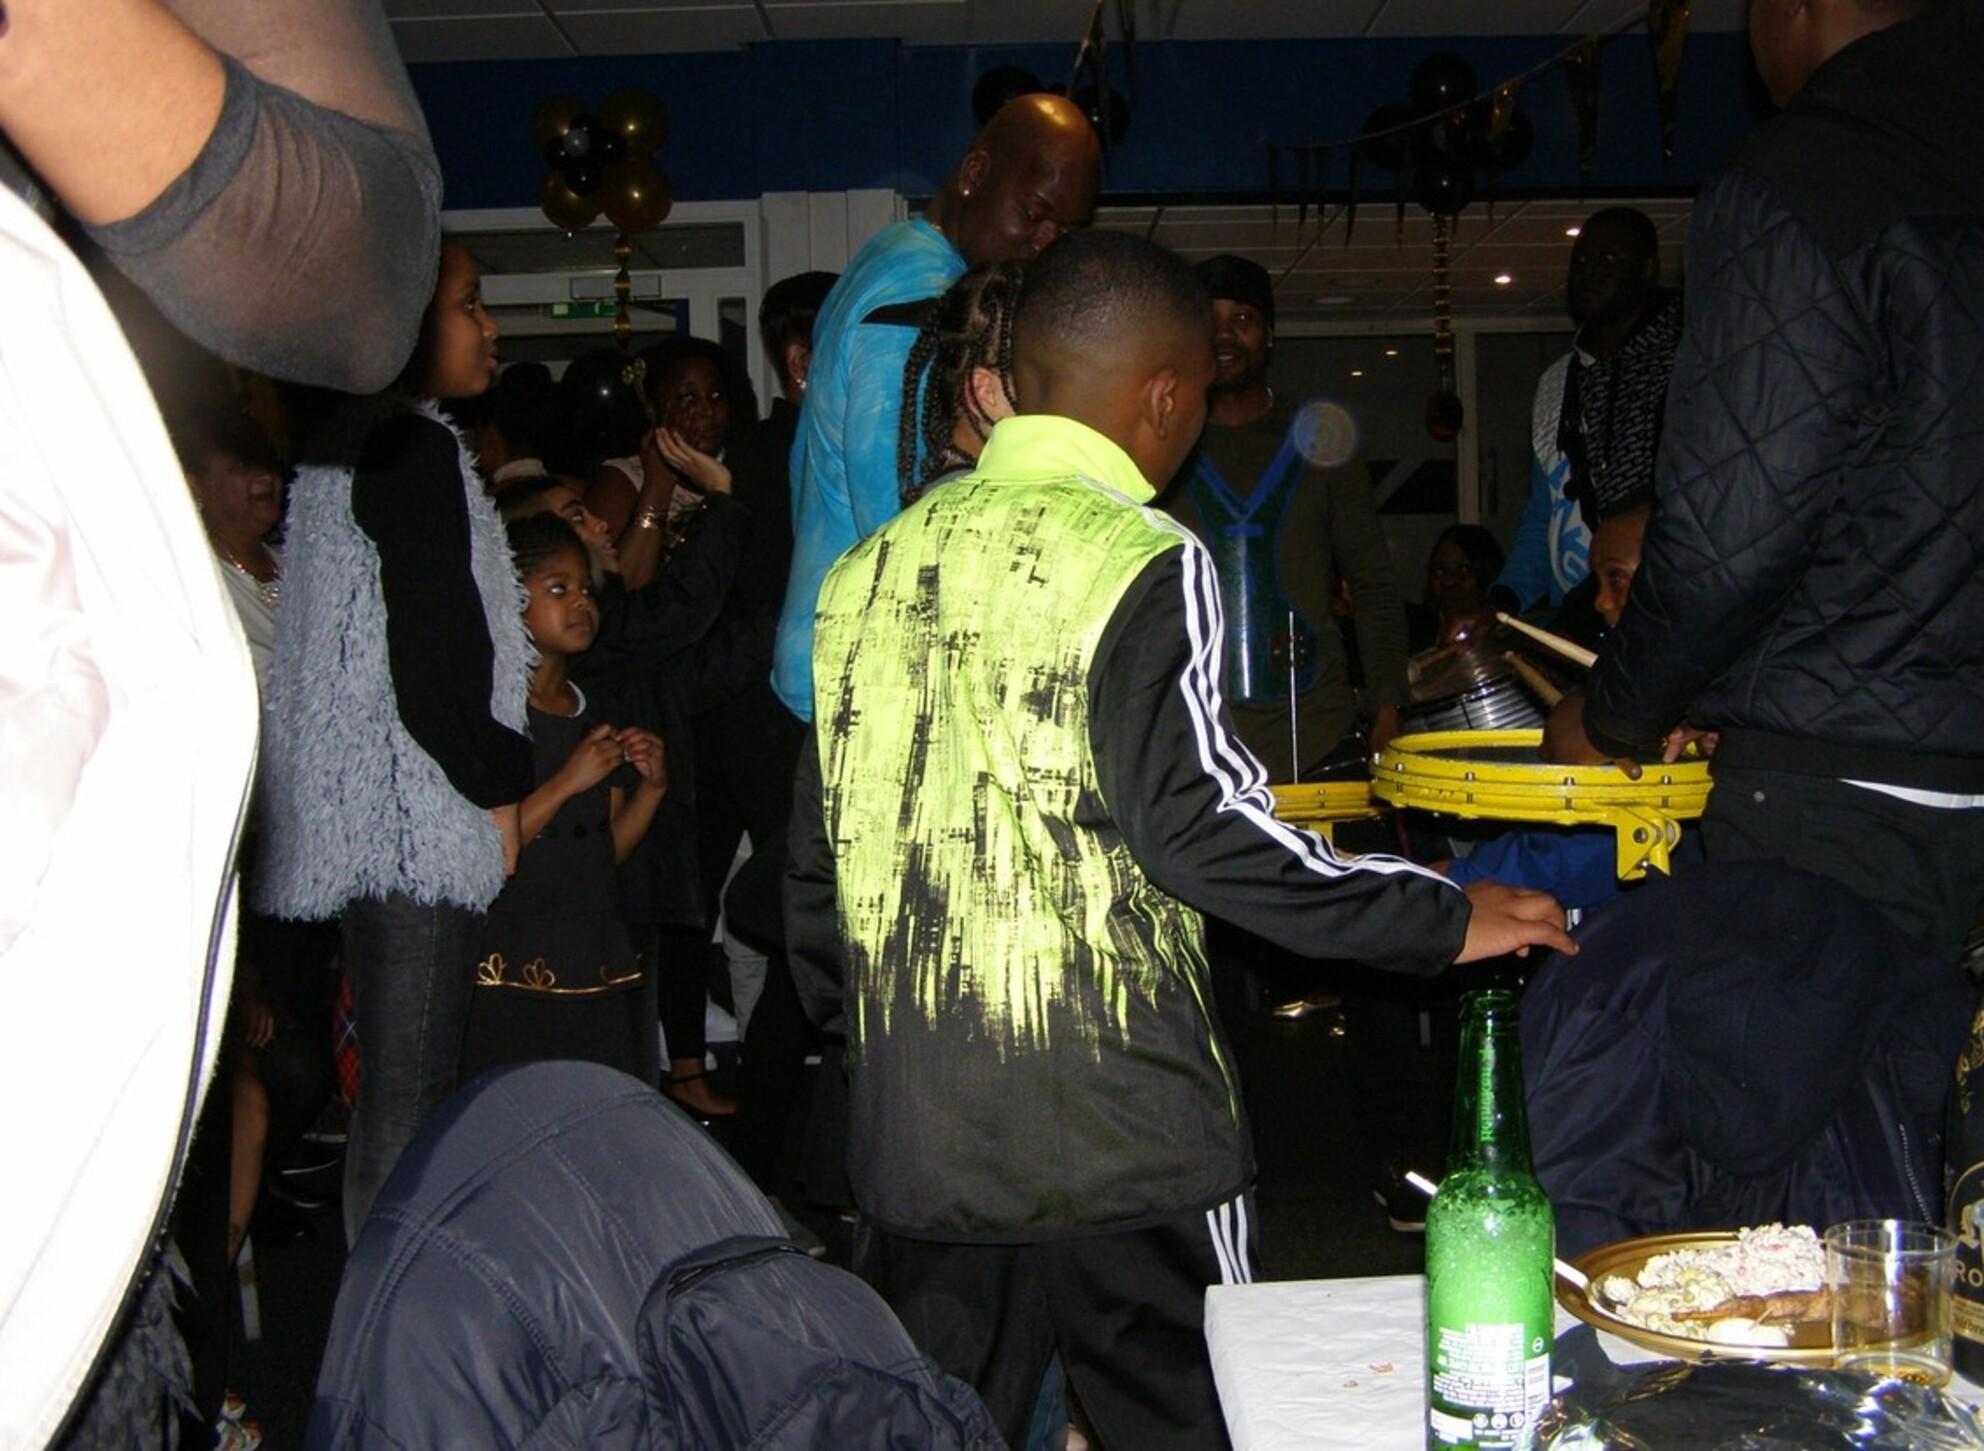 """Band in Den Haag - Op uitnodiging ben ik er heen gegaan, ik was doodziek, maar toch...""""leuke"""" avond gehad, dat wel, hoop leven daar in de brouwerij. Een zaal vol met aa - foto door CityPhotograph op 04-03-2017 - deze foto bevat: mensen, muziek, band, feest, sara, verjaardag, Den Haag, Antiliaans - Deze foto mag gebruikt worden in een Zoom.nl publicatie"""